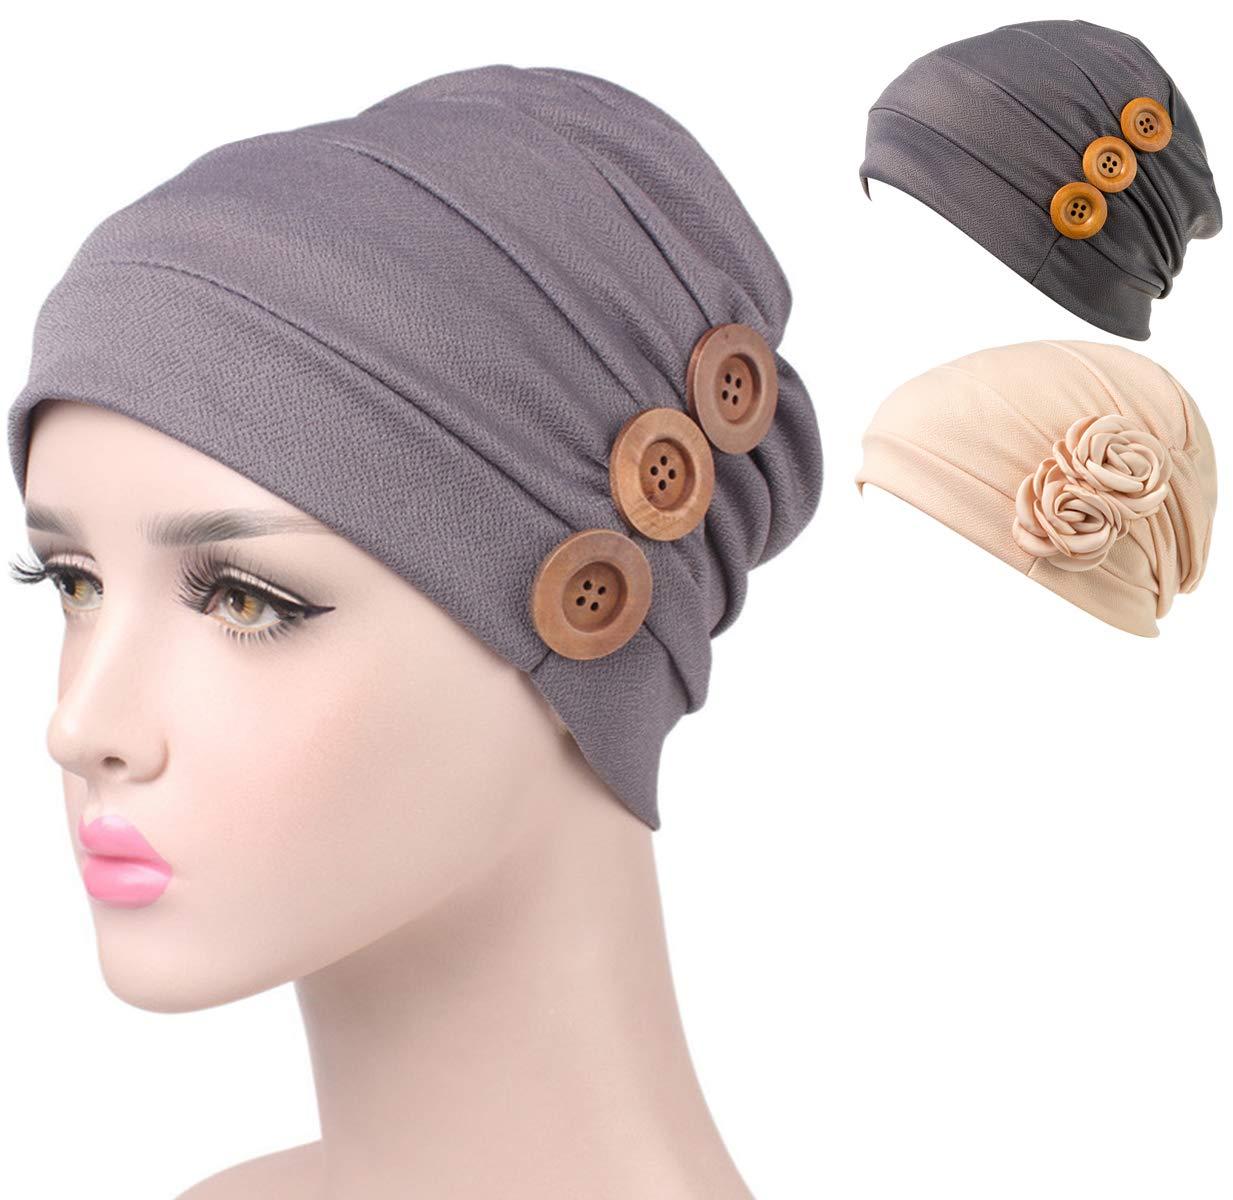 DancMolly Chemo Turban Cancer Ruffle Headband Beanie Cap Muslim Scarf Ethnic Cloth (Gray Bu+Beige Fl)